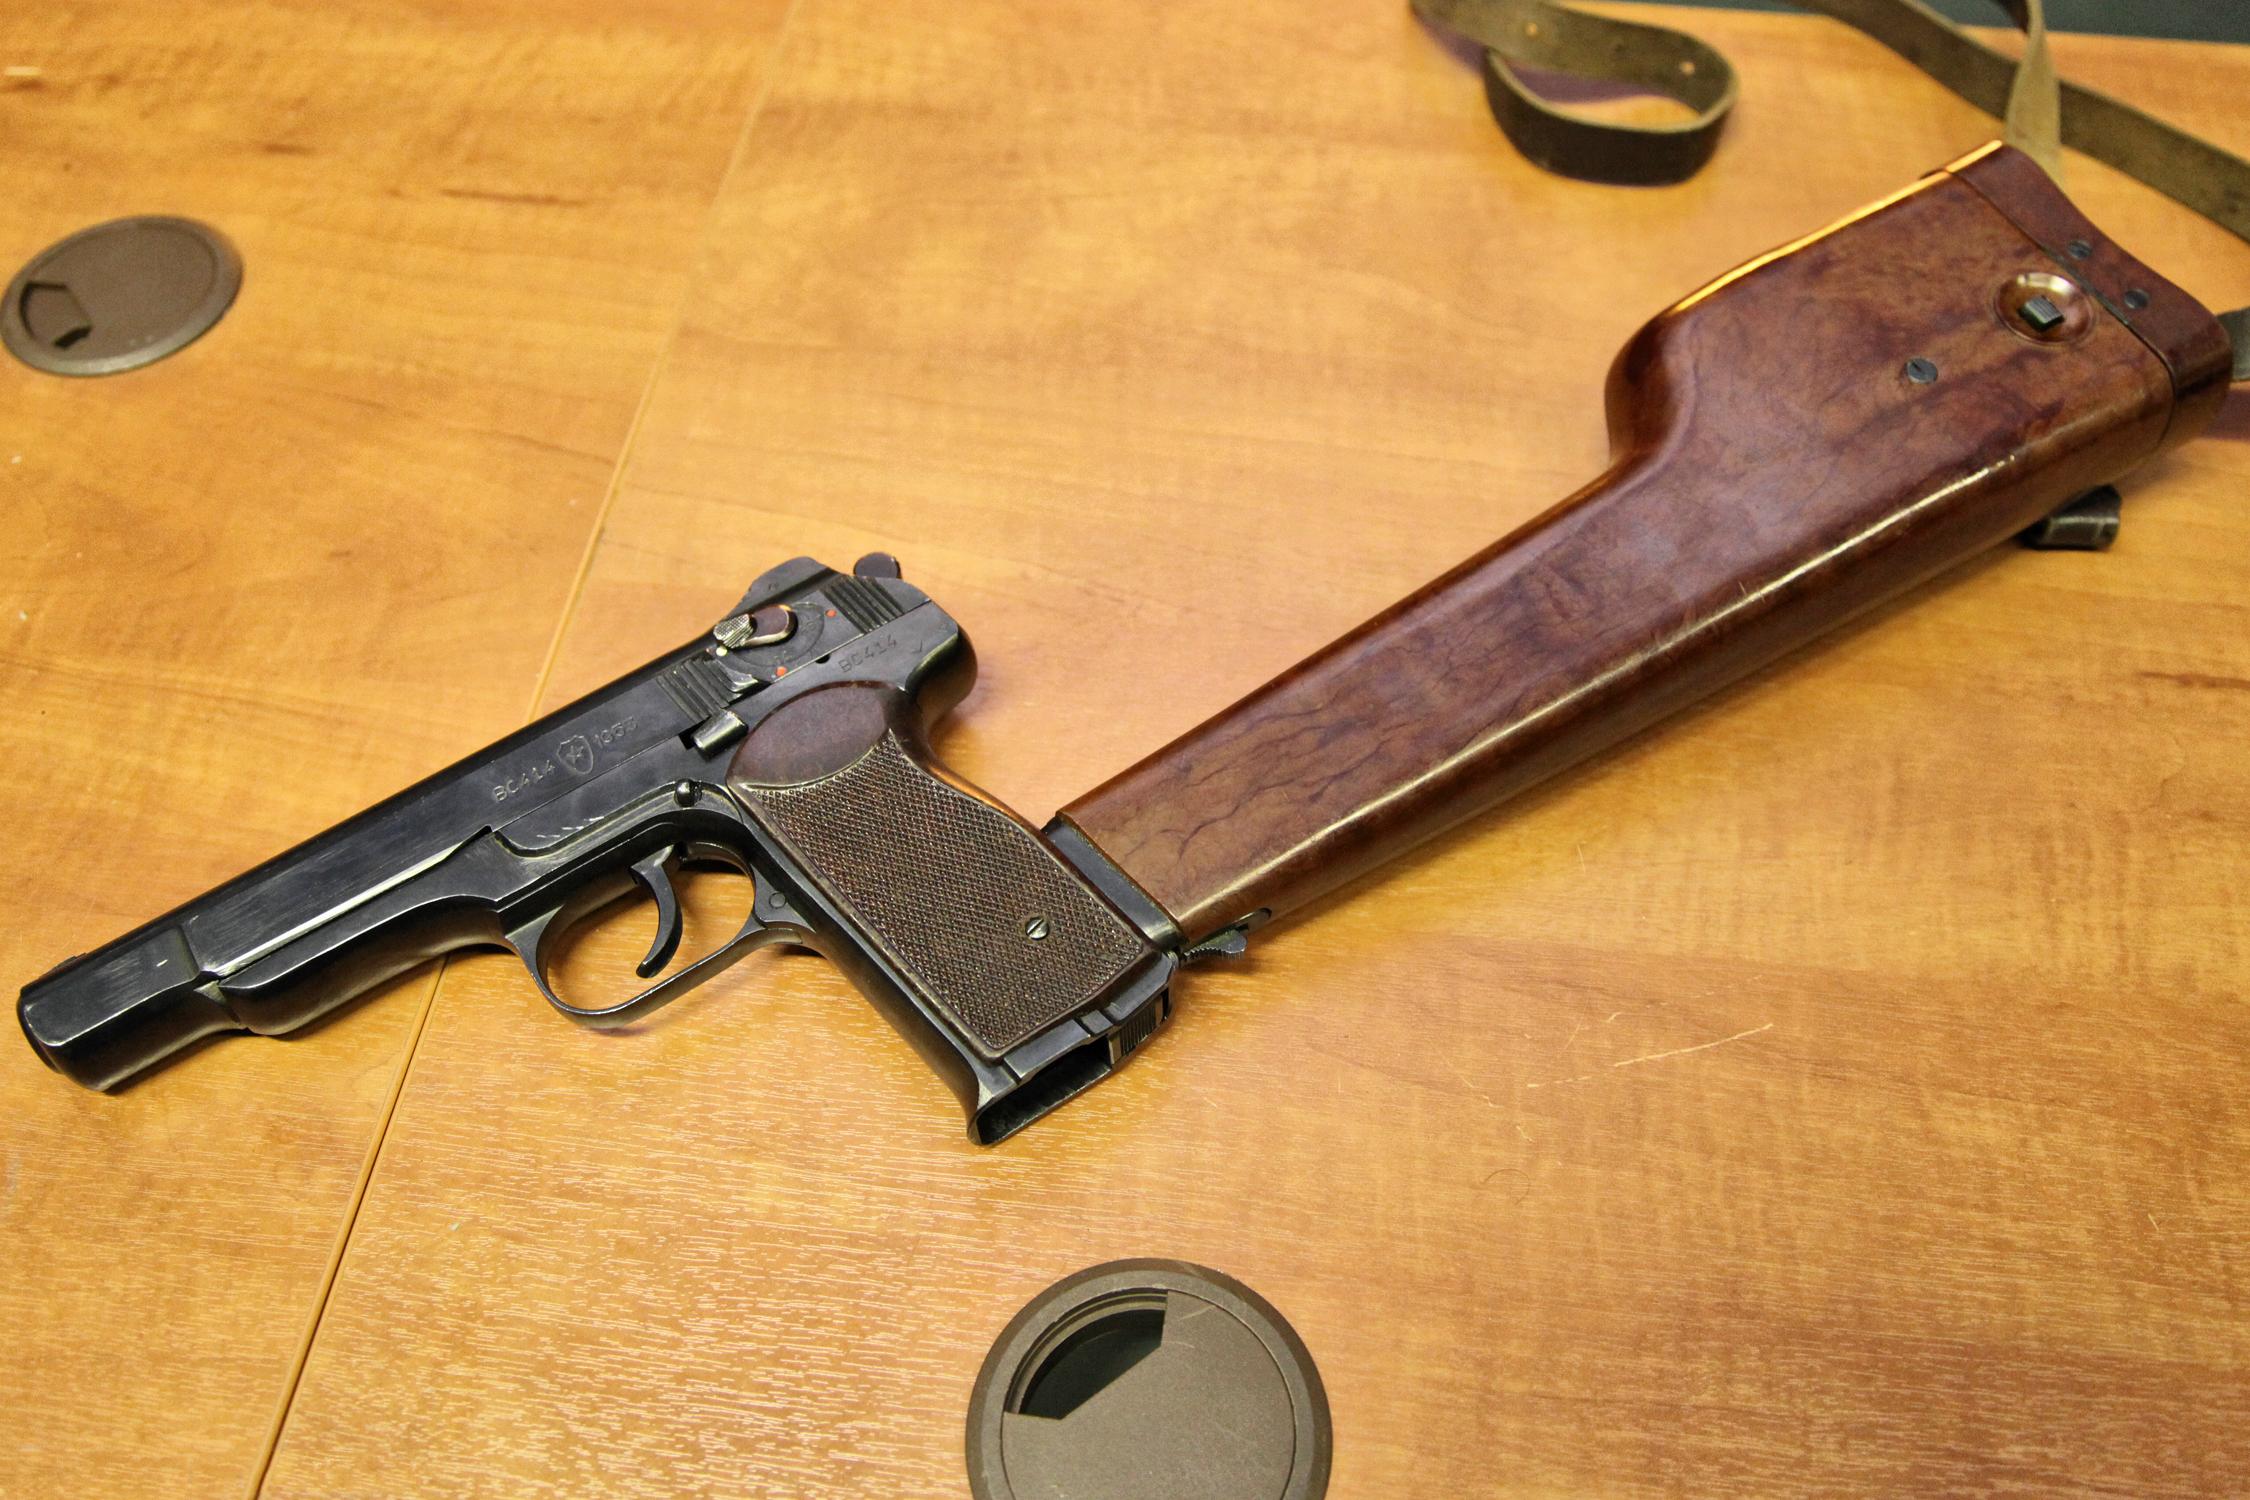 Фото пистолета автомата стечкин 3